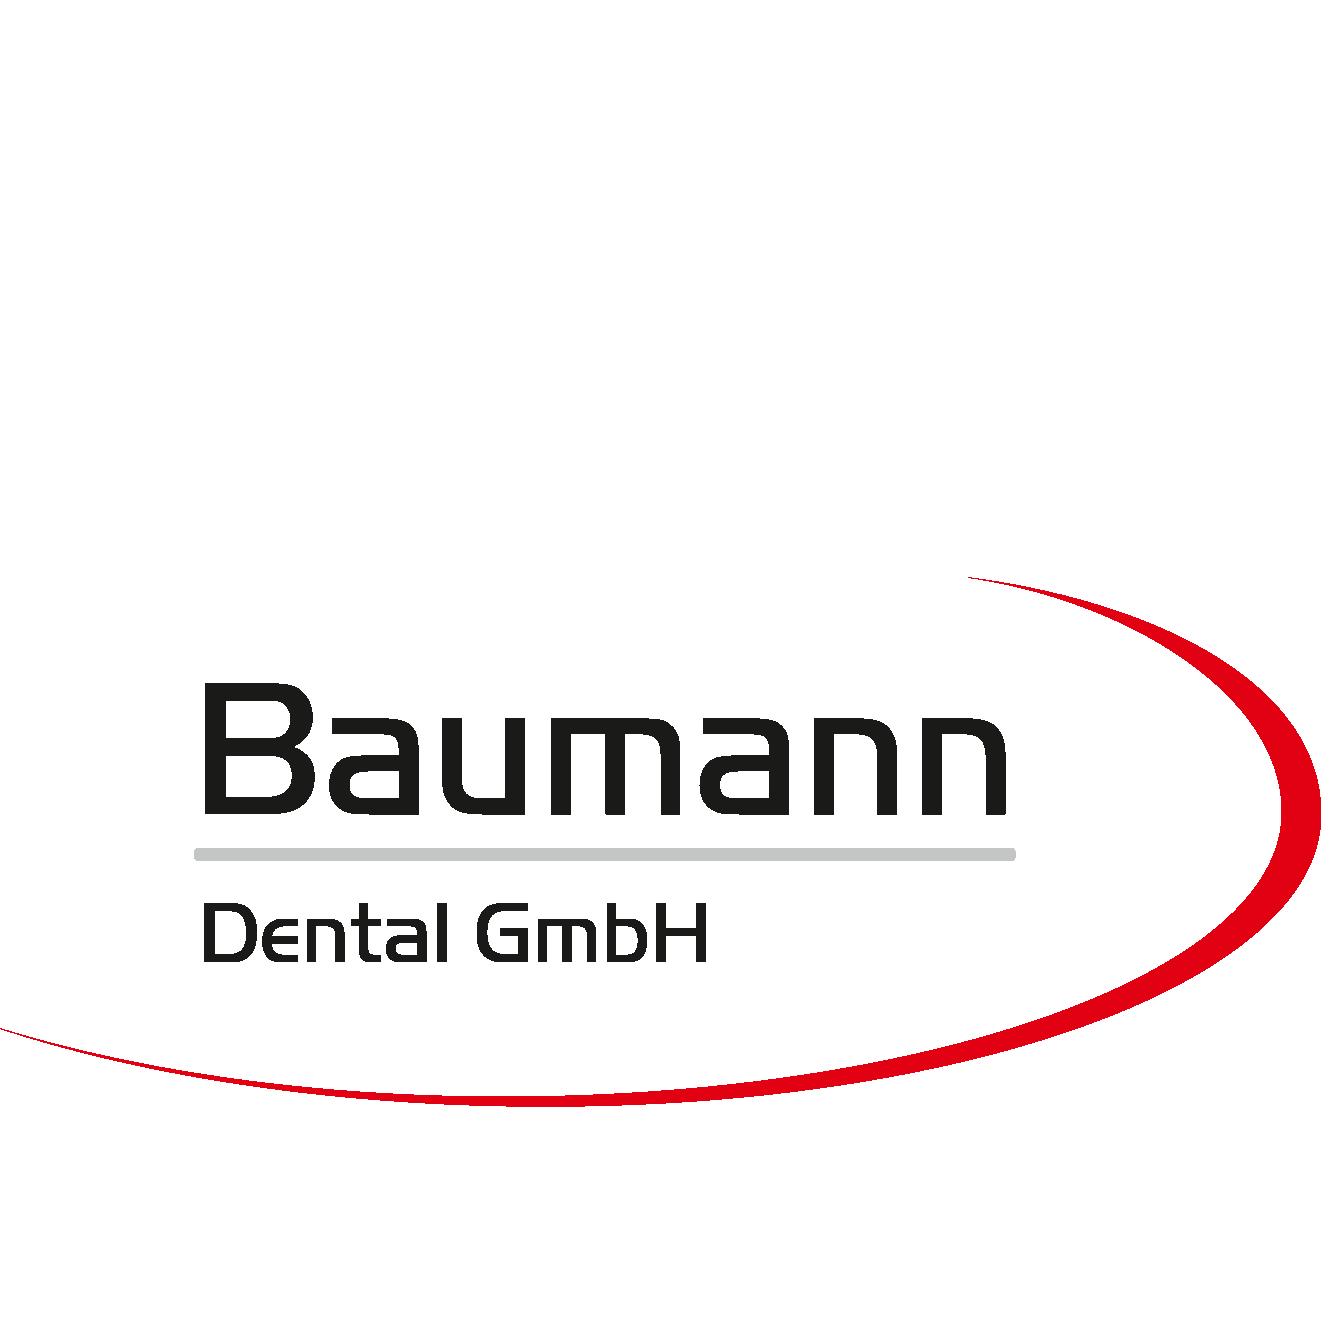 Baumann.png